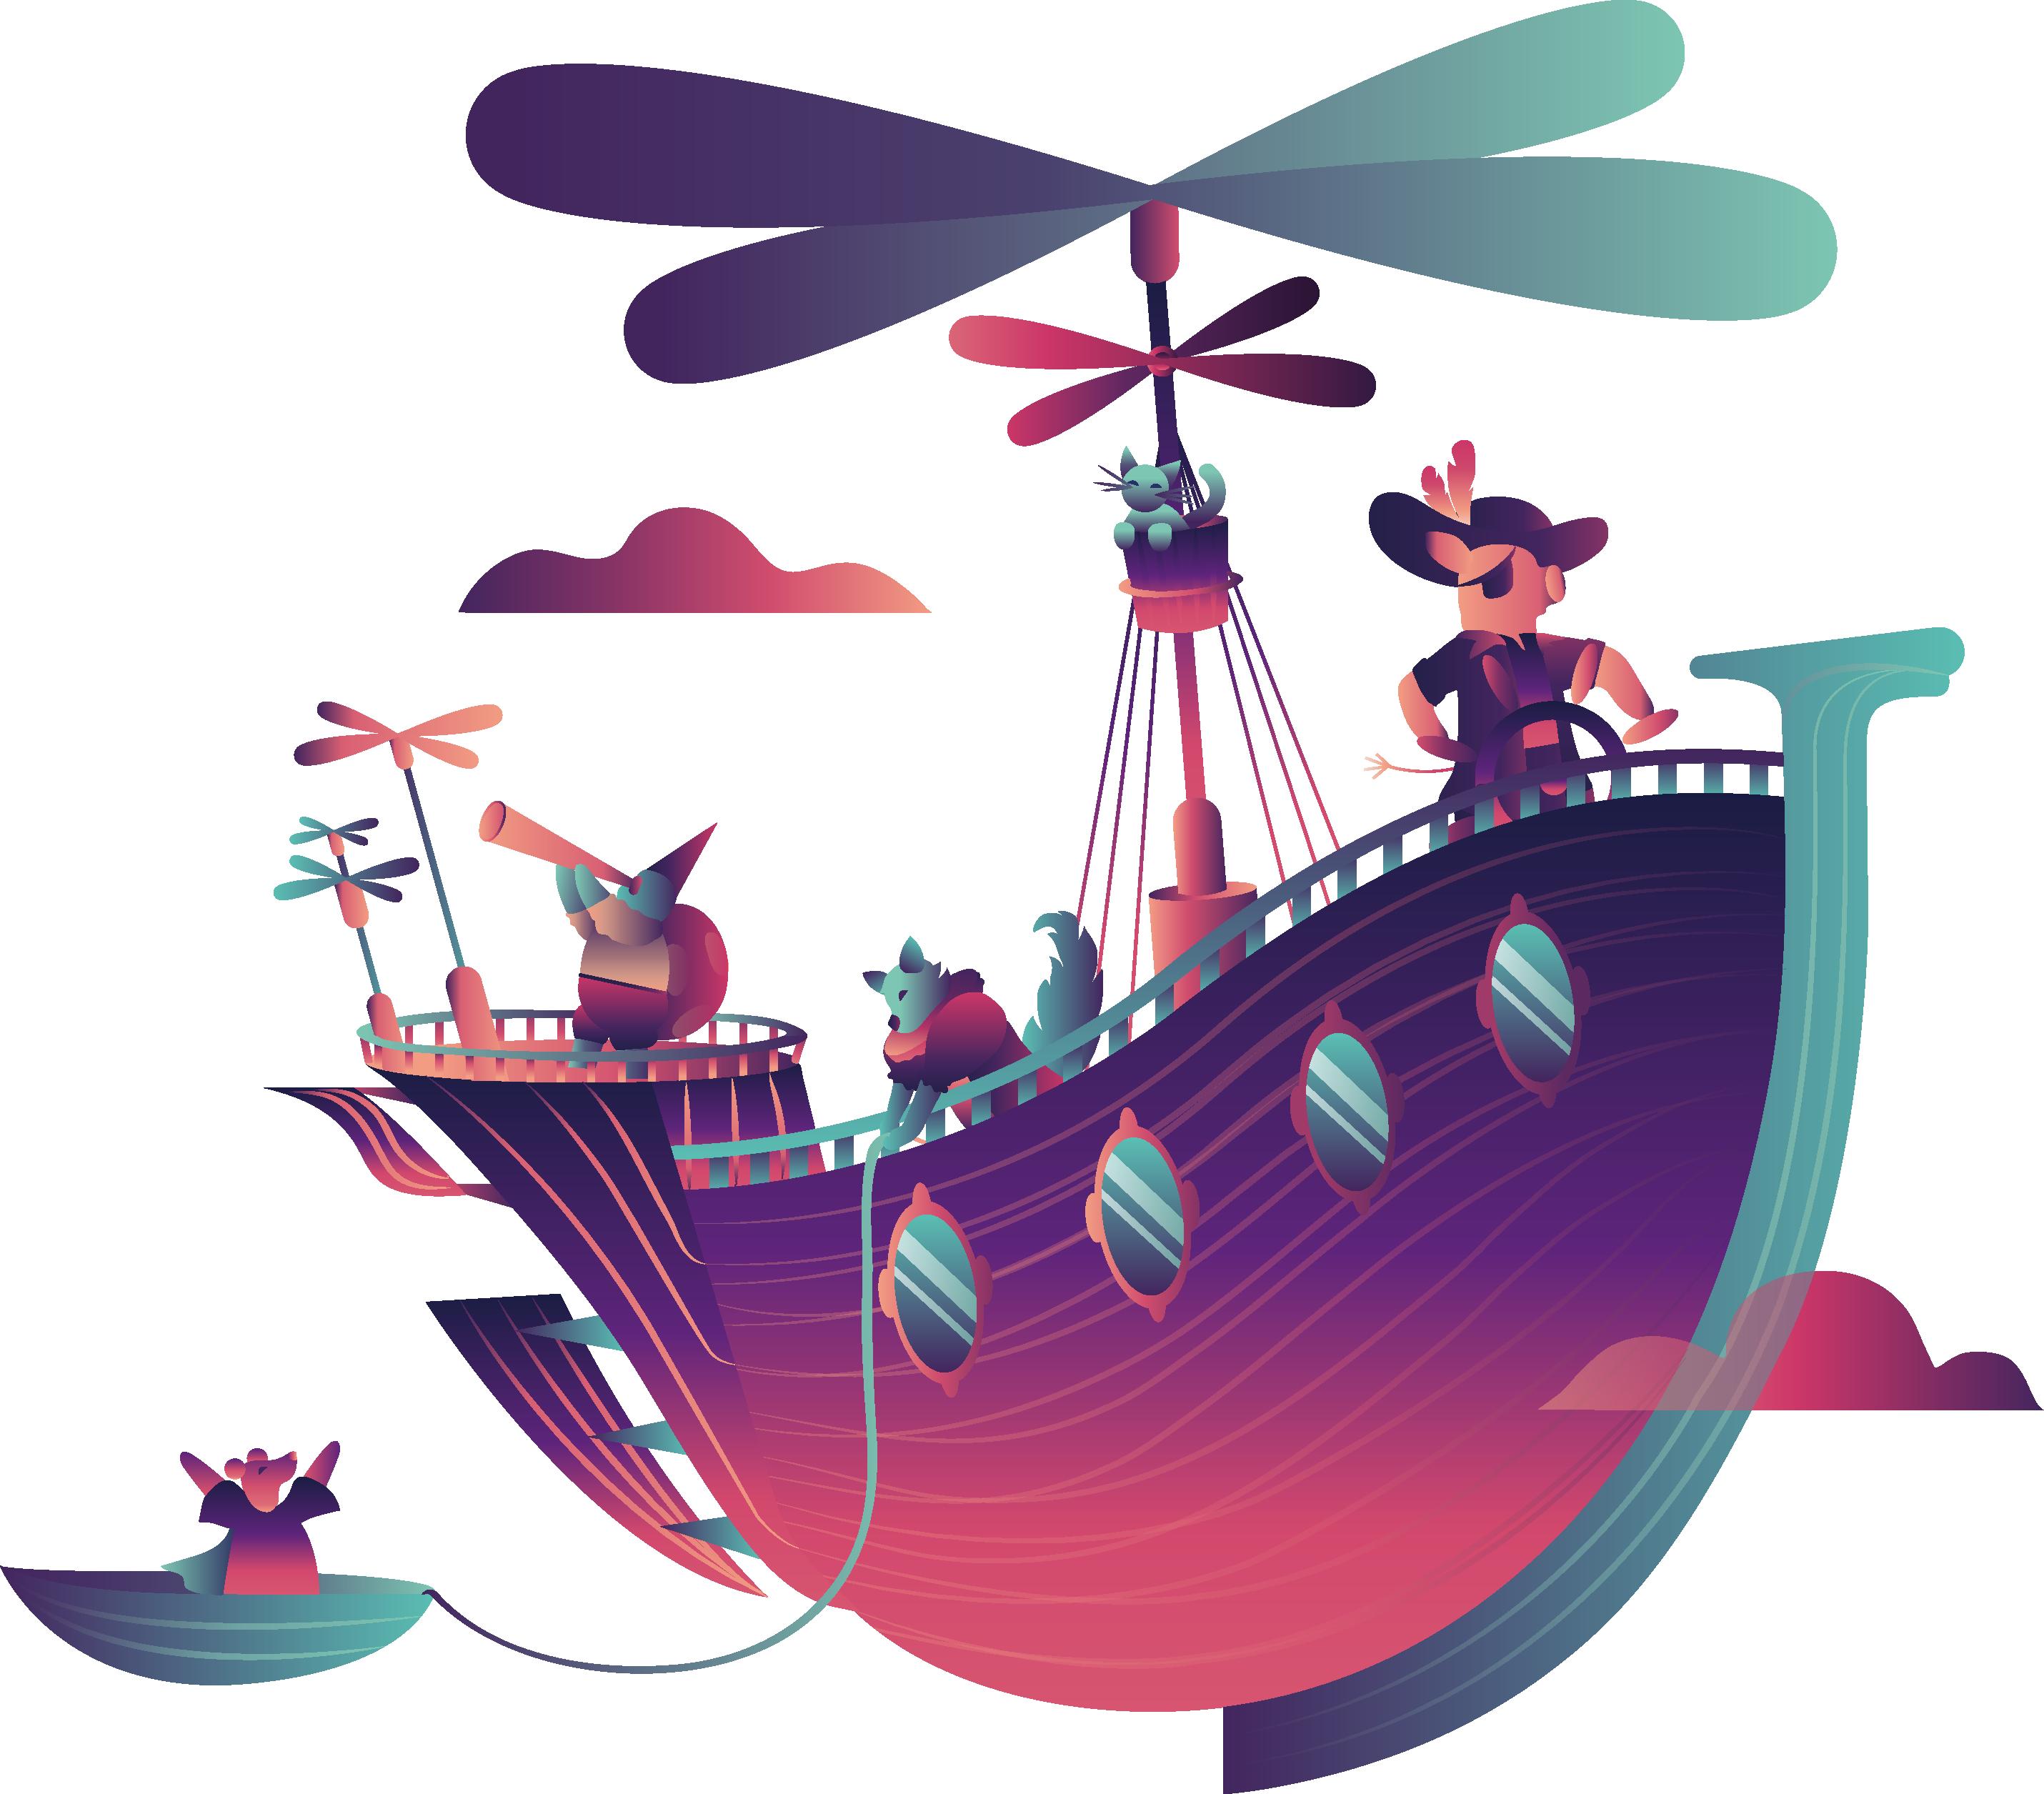 des personnages sont dans un bateau qui représente la collaboration